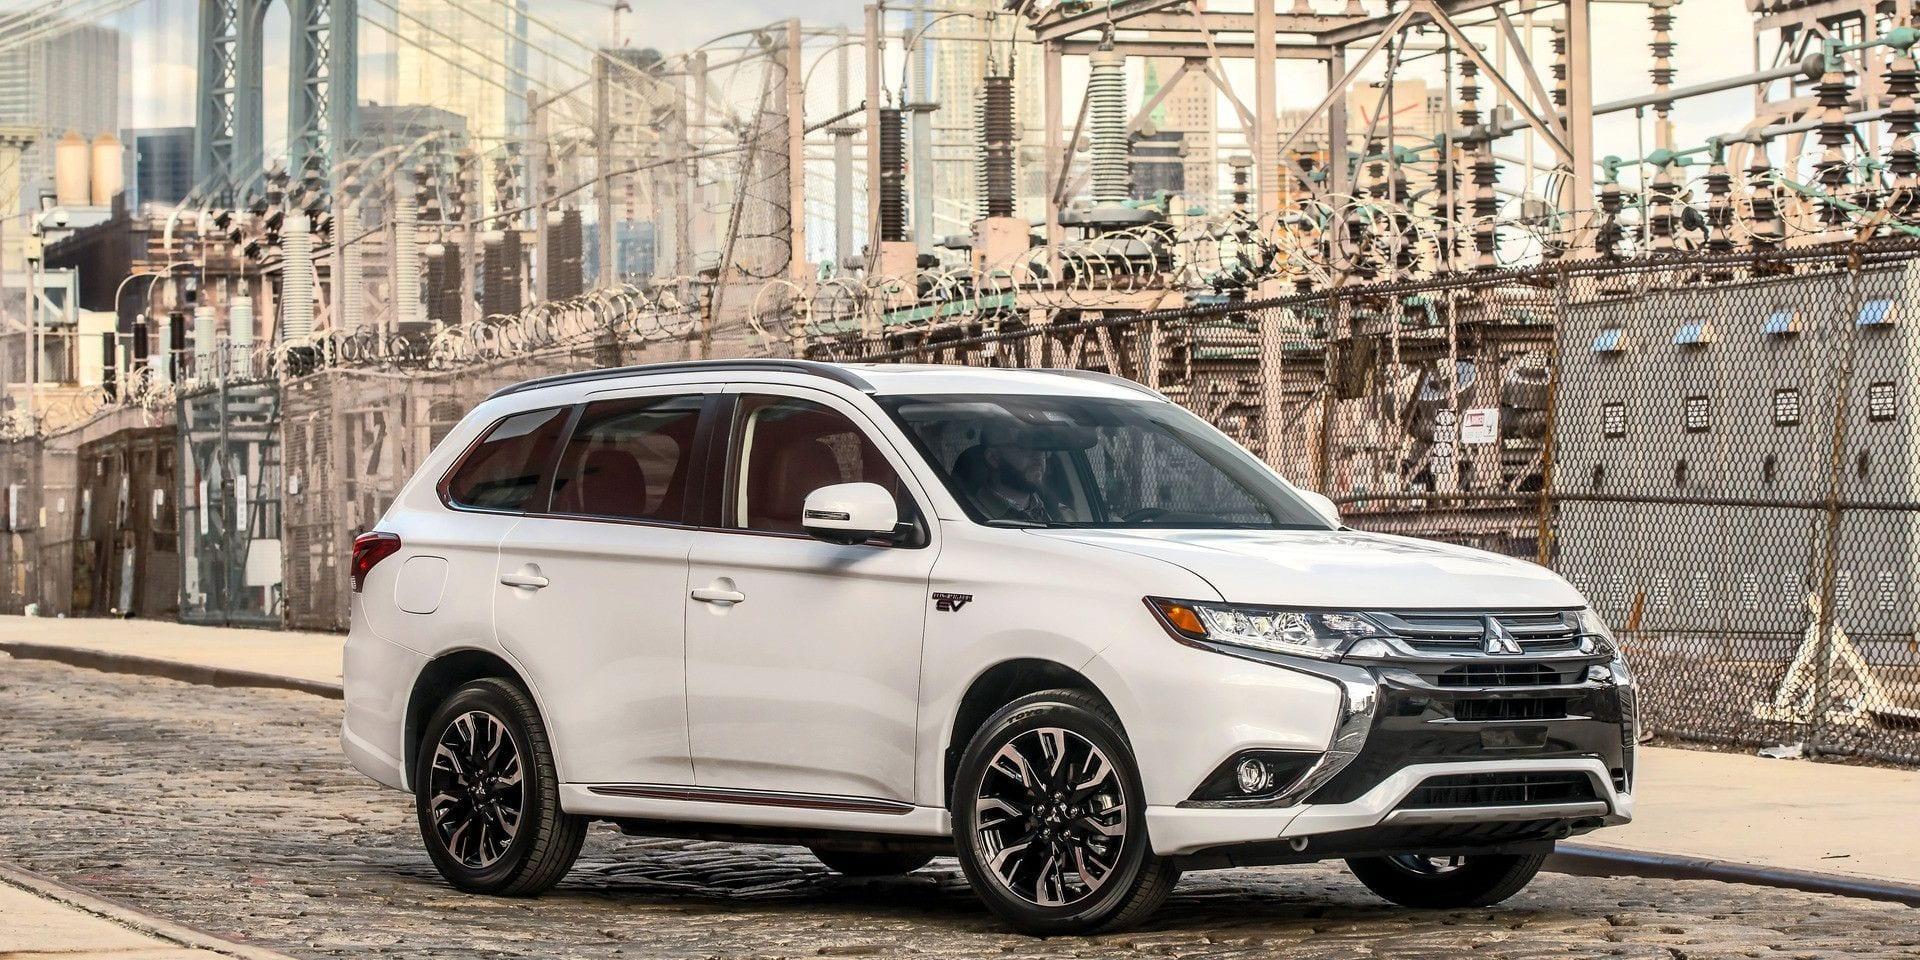 Mitsubishi gèle l'introduction de nouveaux modèles en Europe